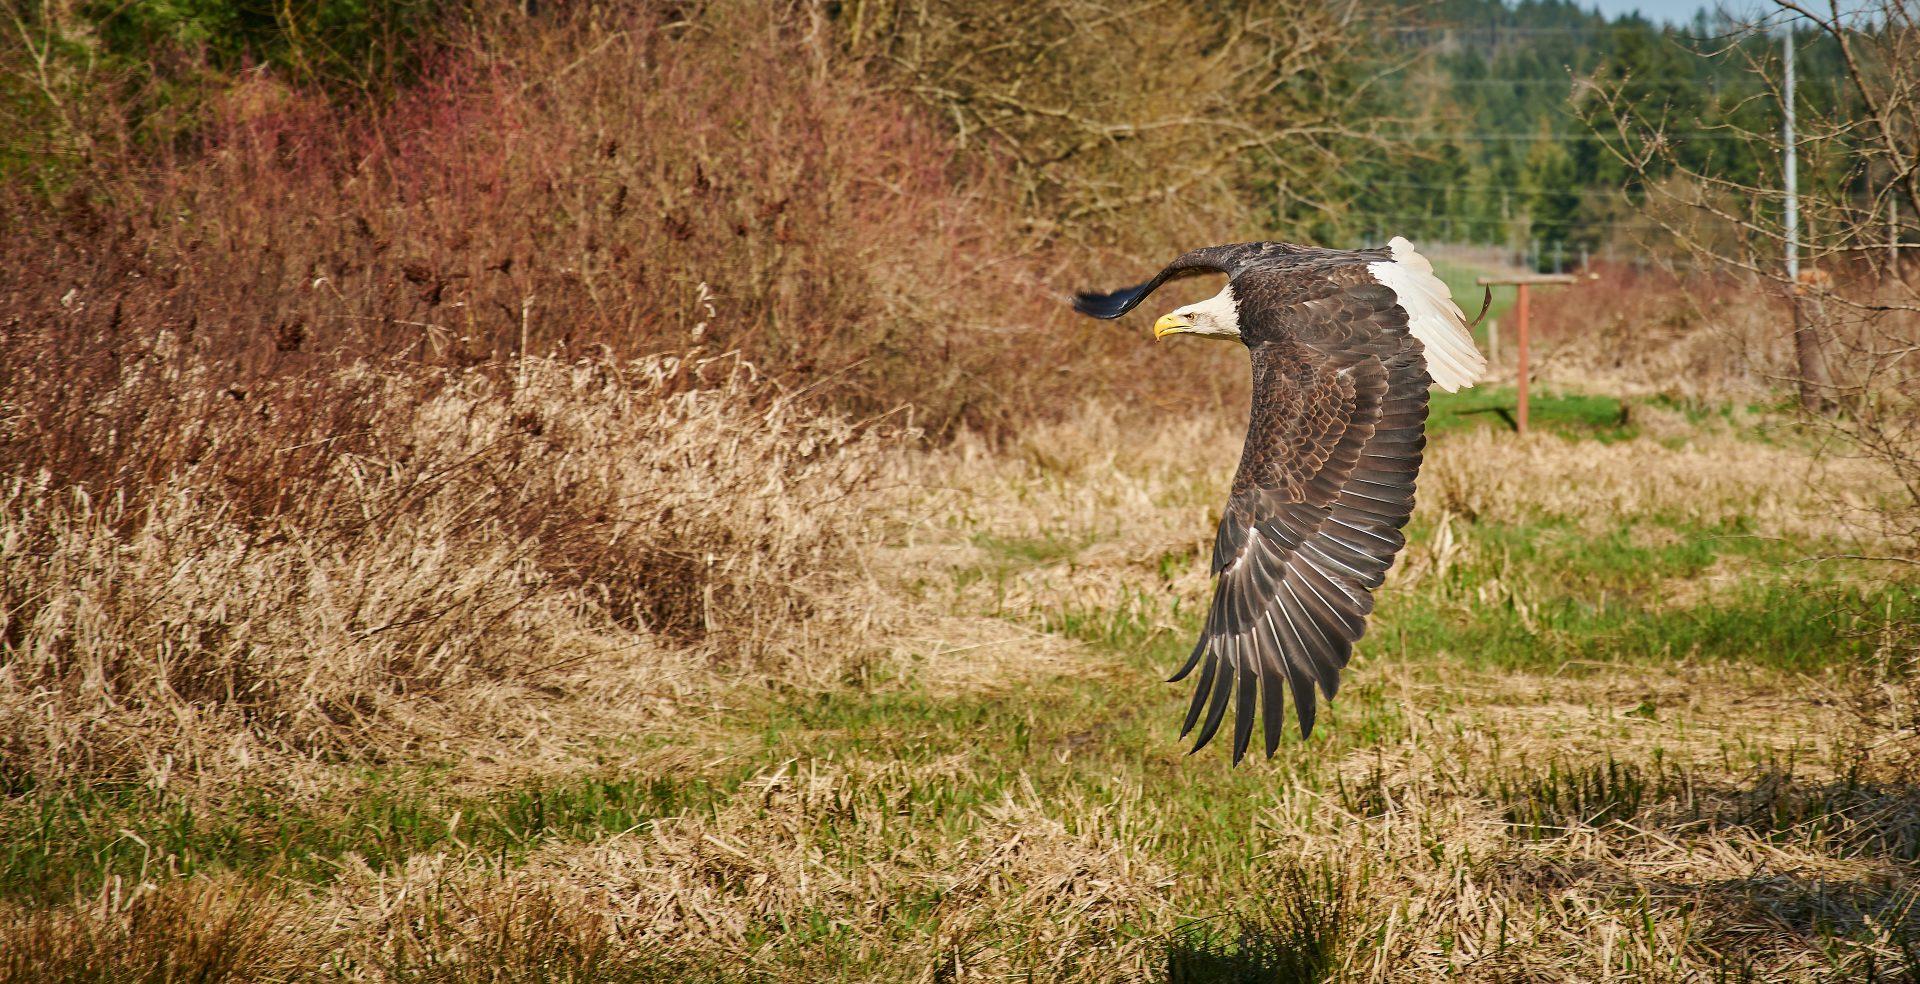 Vancouver Island Raptors – Nikon Z7 Nikkor 24-70 f/4 S – Mature Bald Eagle